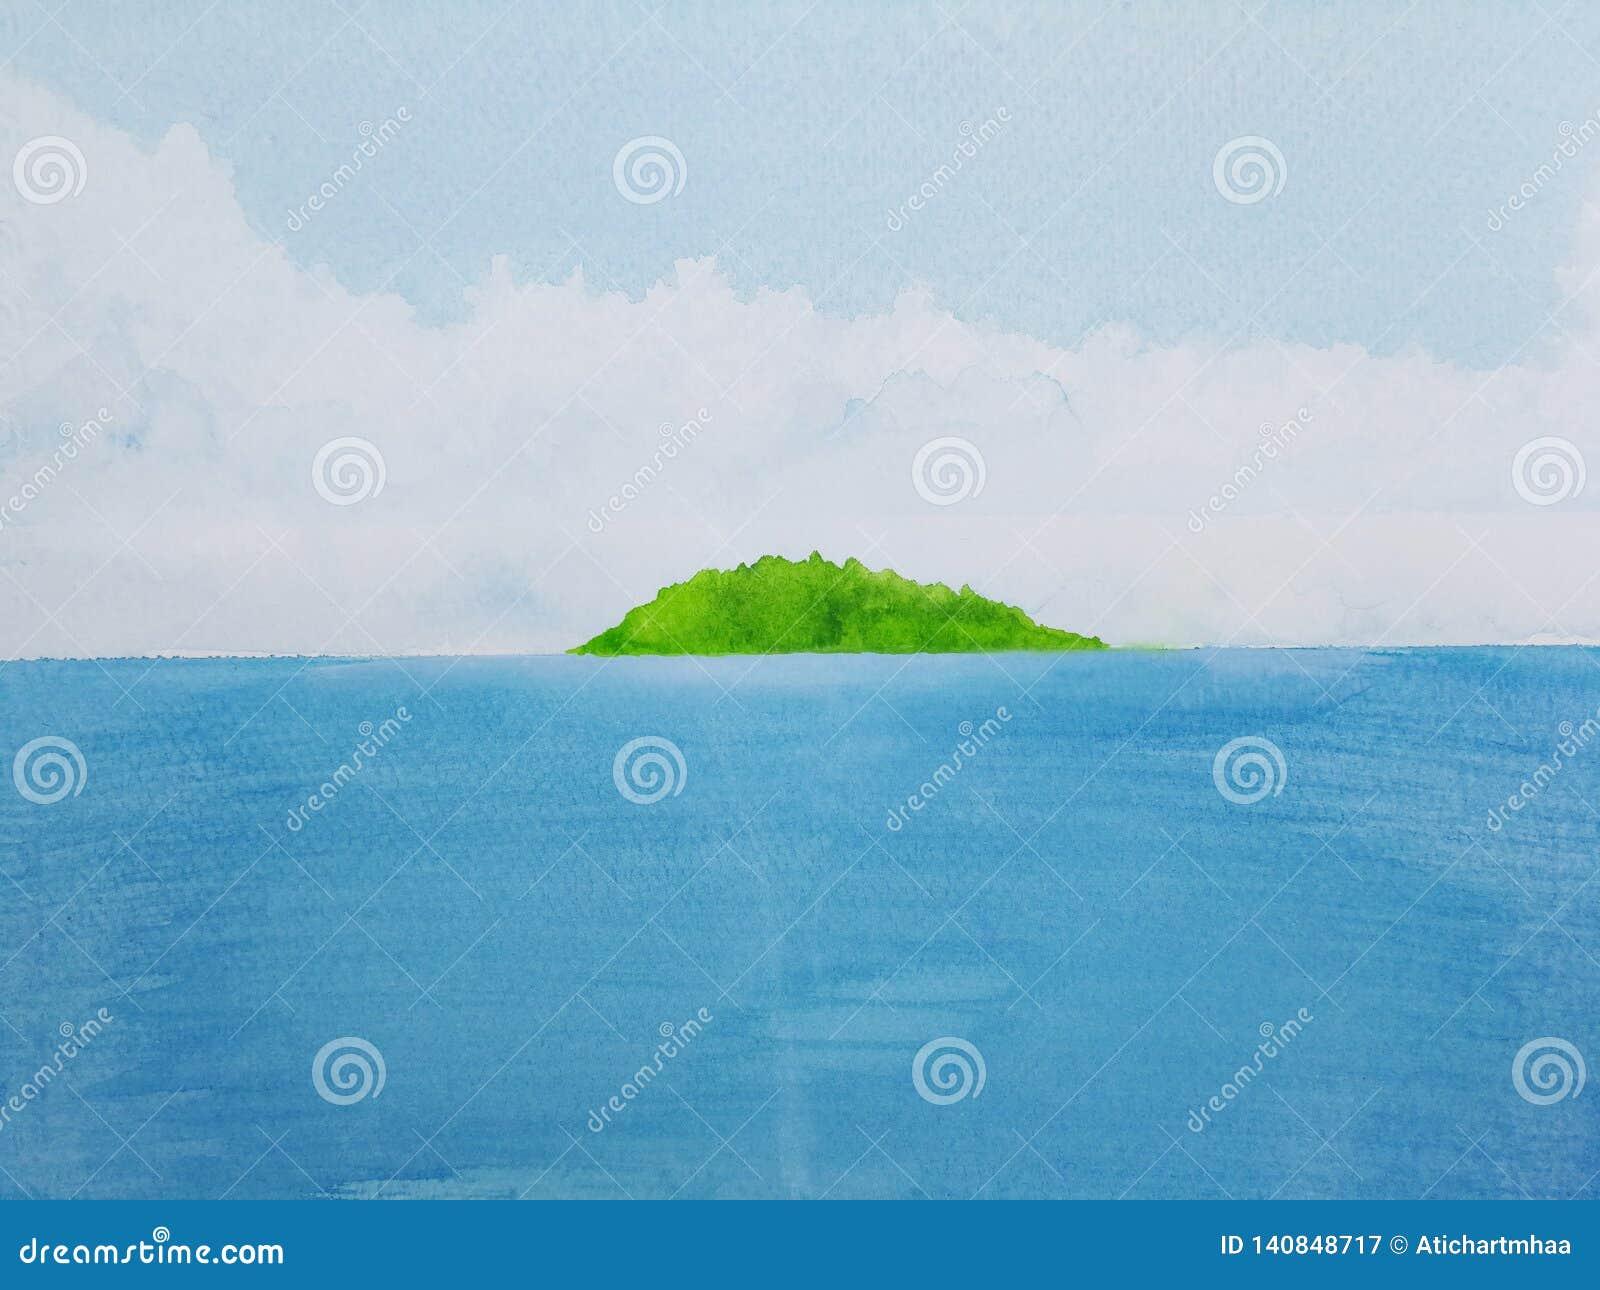 水彩绘画有绿色海岛的风景海